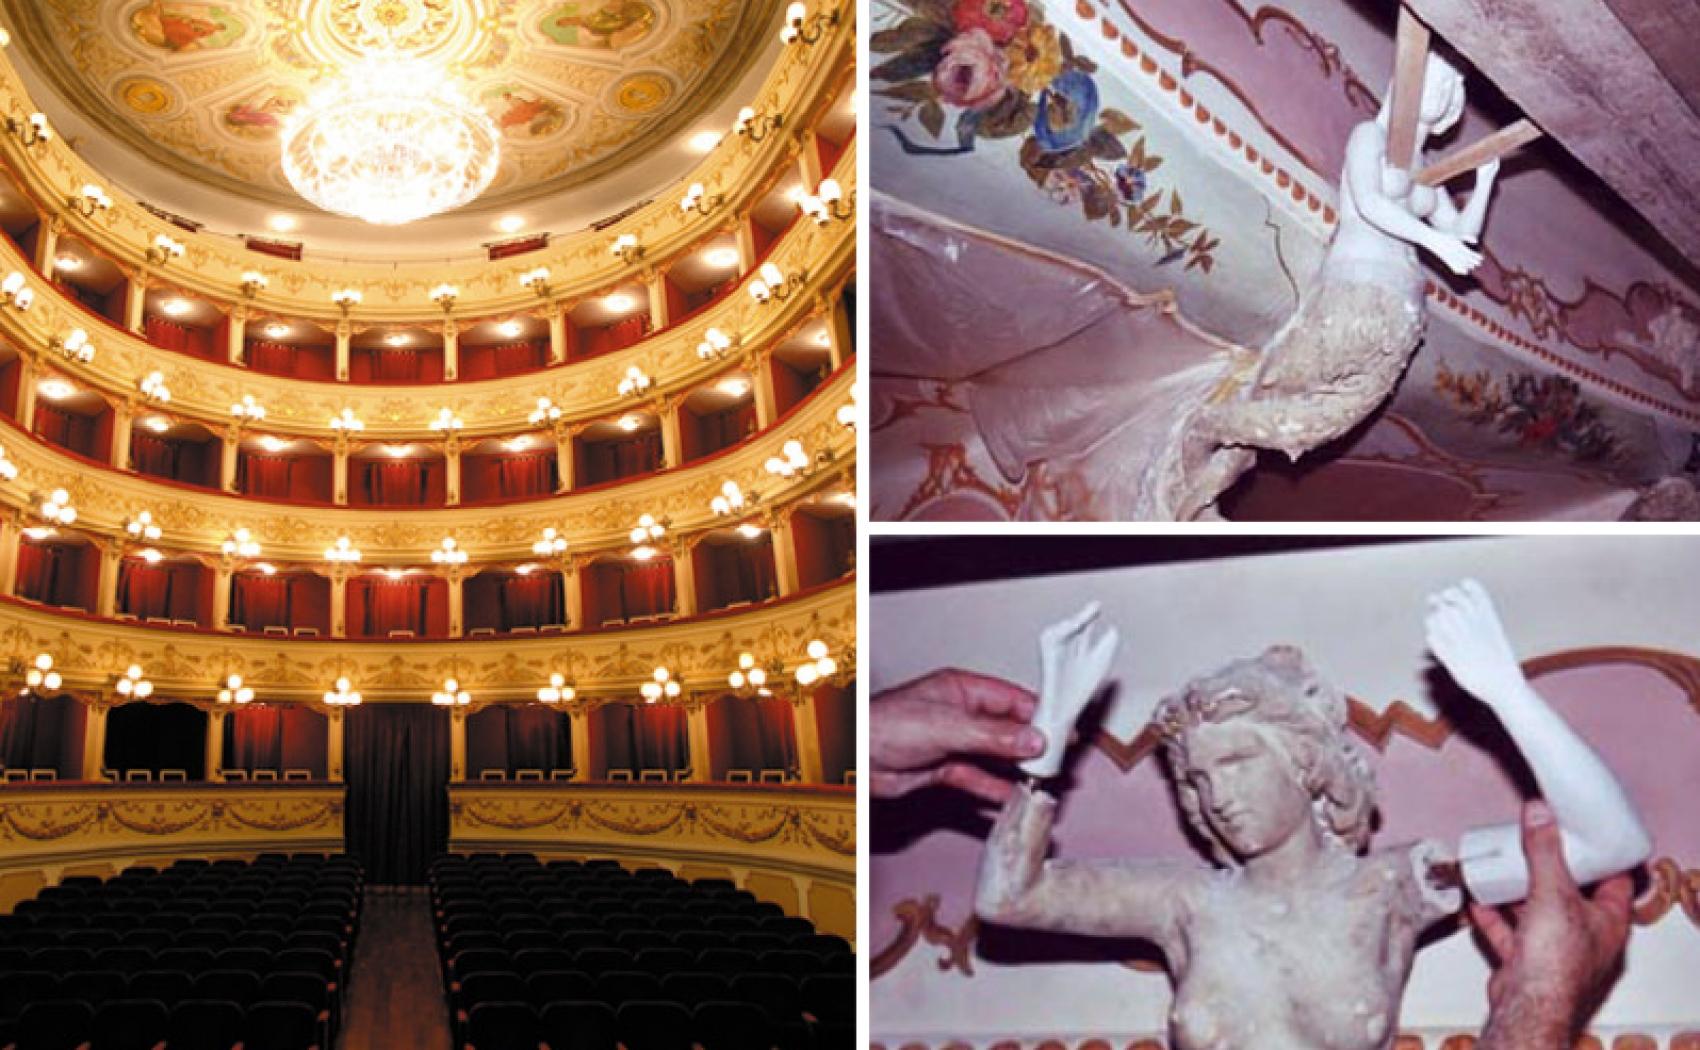 Teatro comunale di Treviso